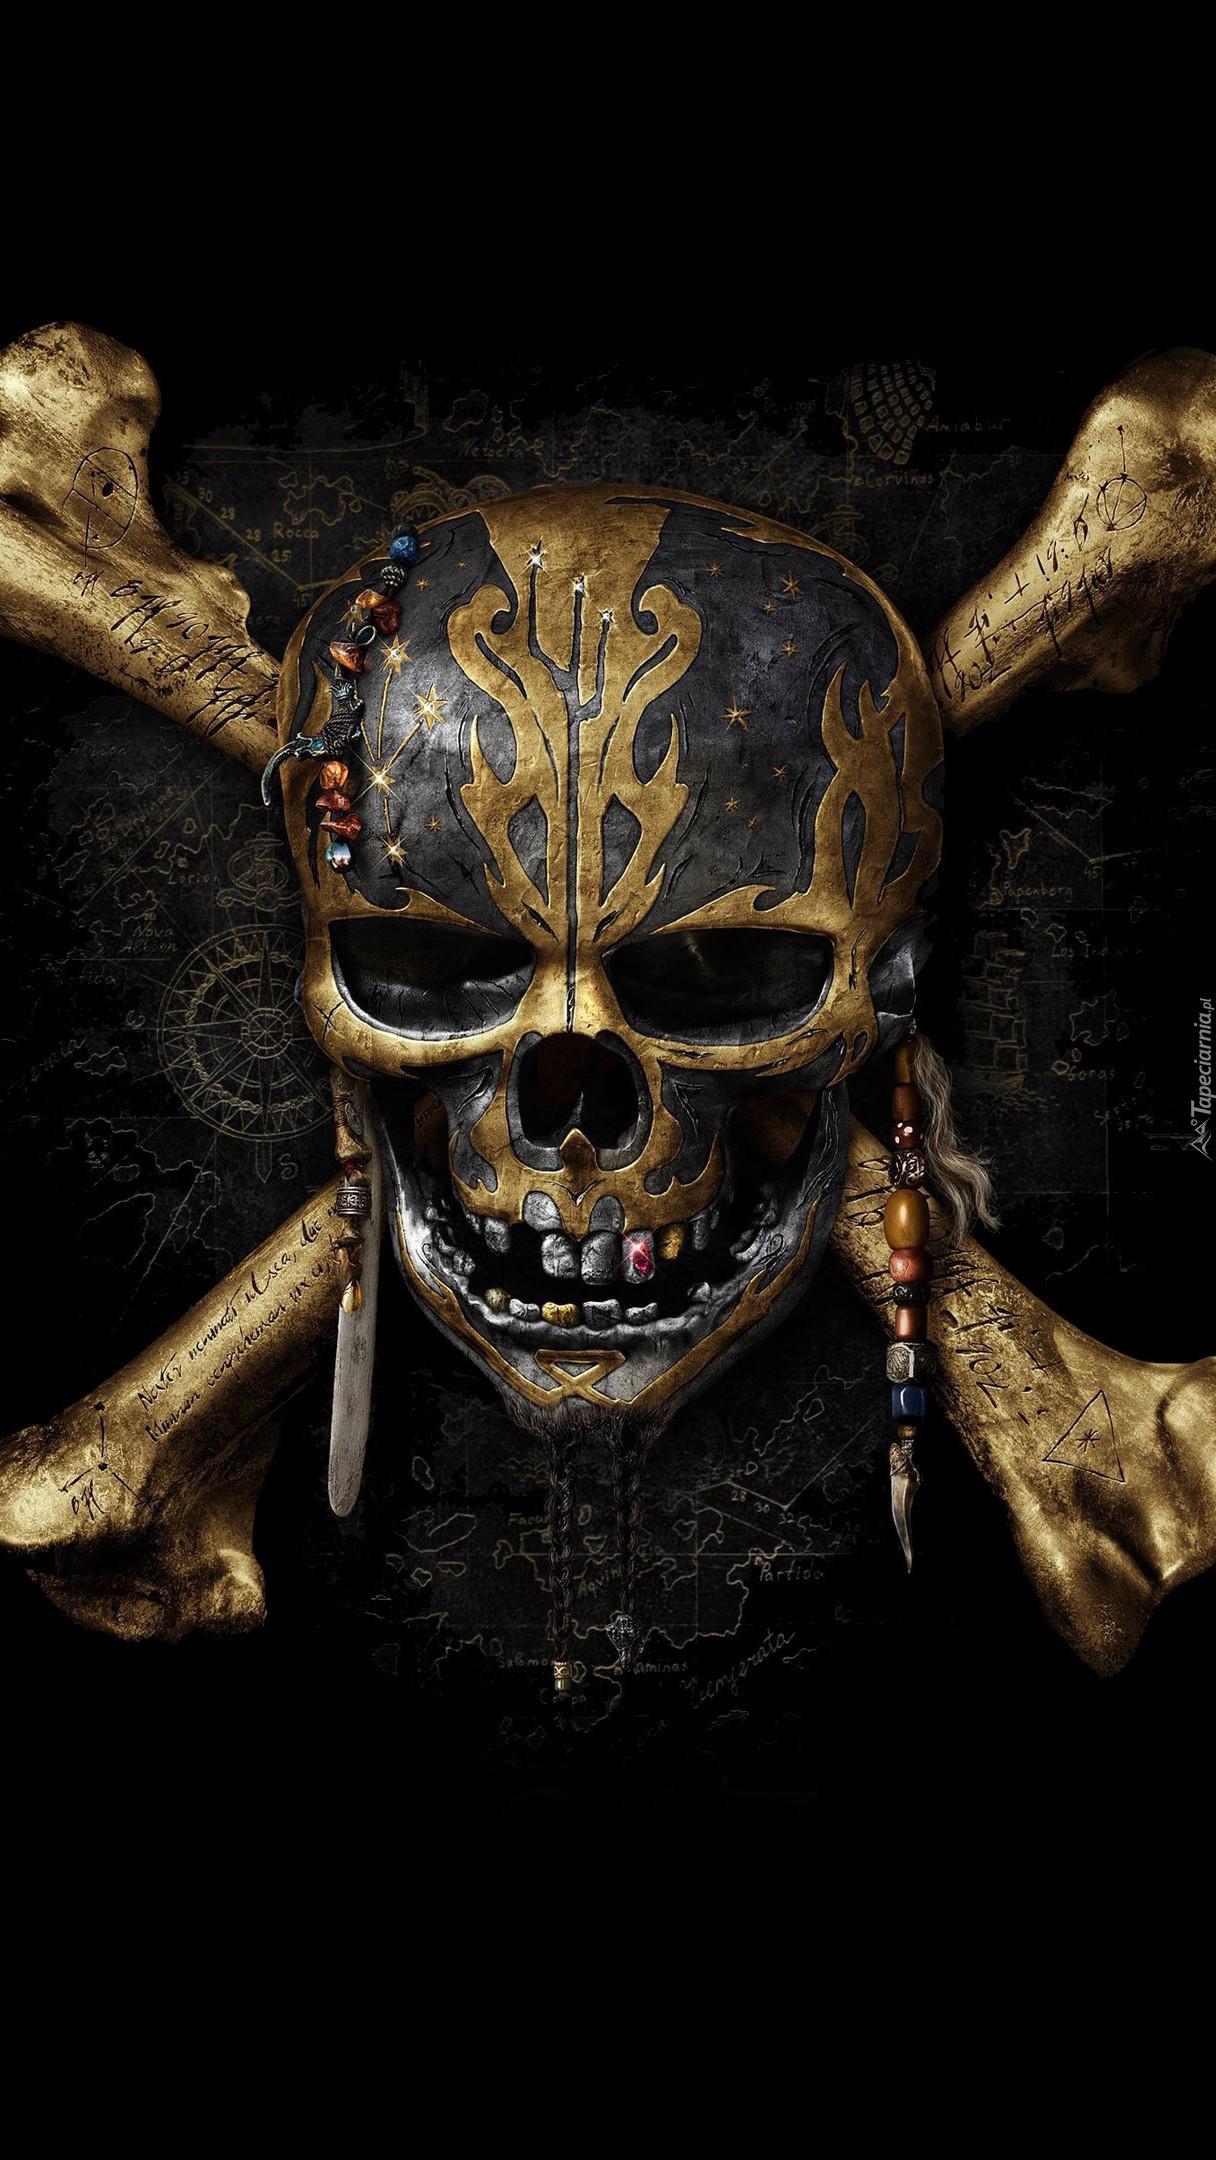 Czaszka z filmu Piraci z Karaibów